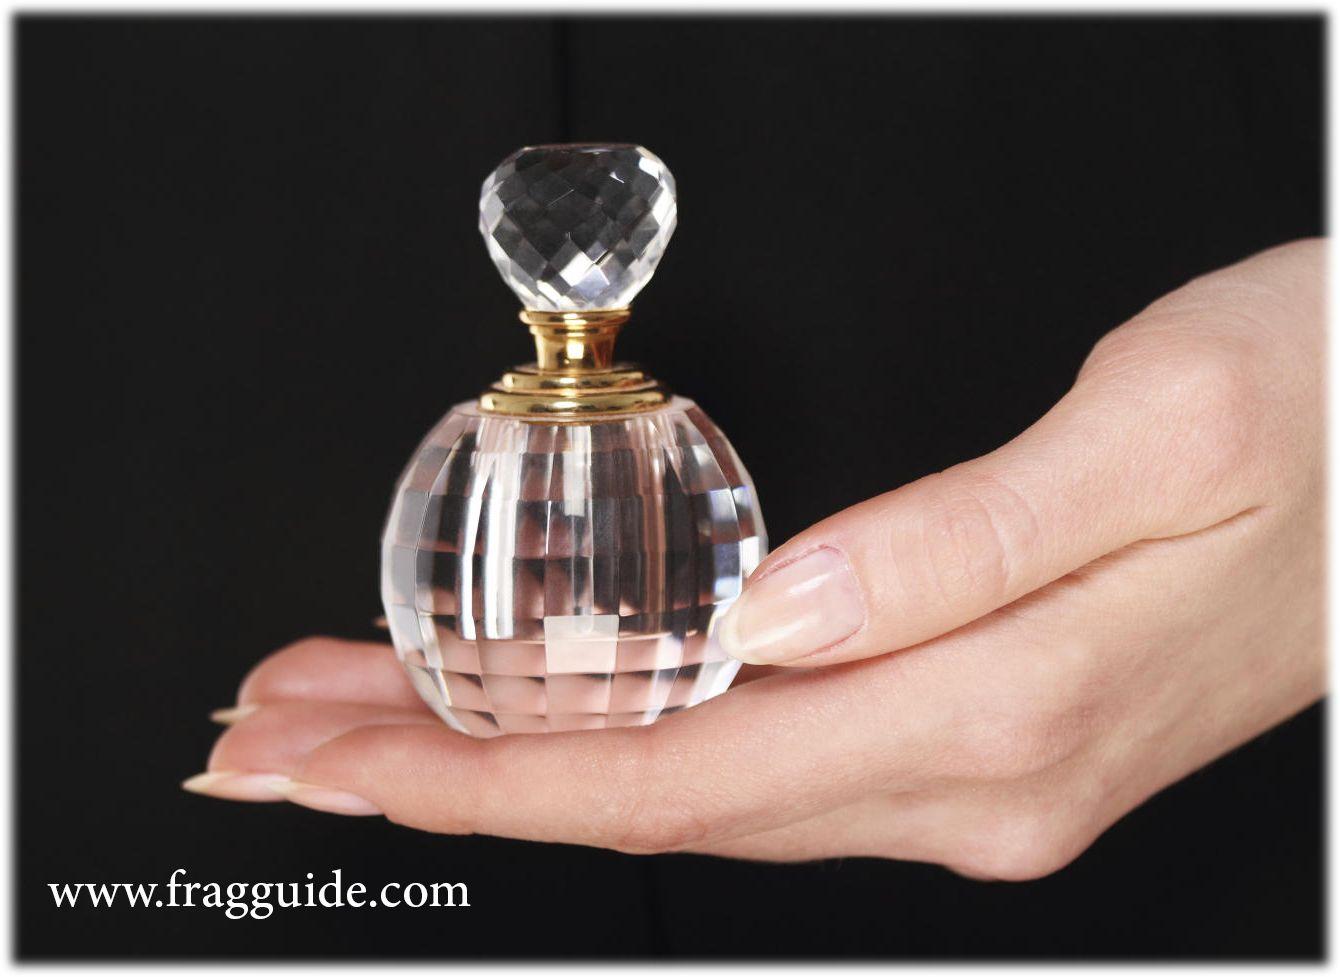 قوة العطور التي لا يعرفها أحد العطور وتأثيرها النفسي والبدني على الإنسان روابط عاطفية أعزائي يمكنكم الحصول على مزاج Perfume Bottles Perfume Scents